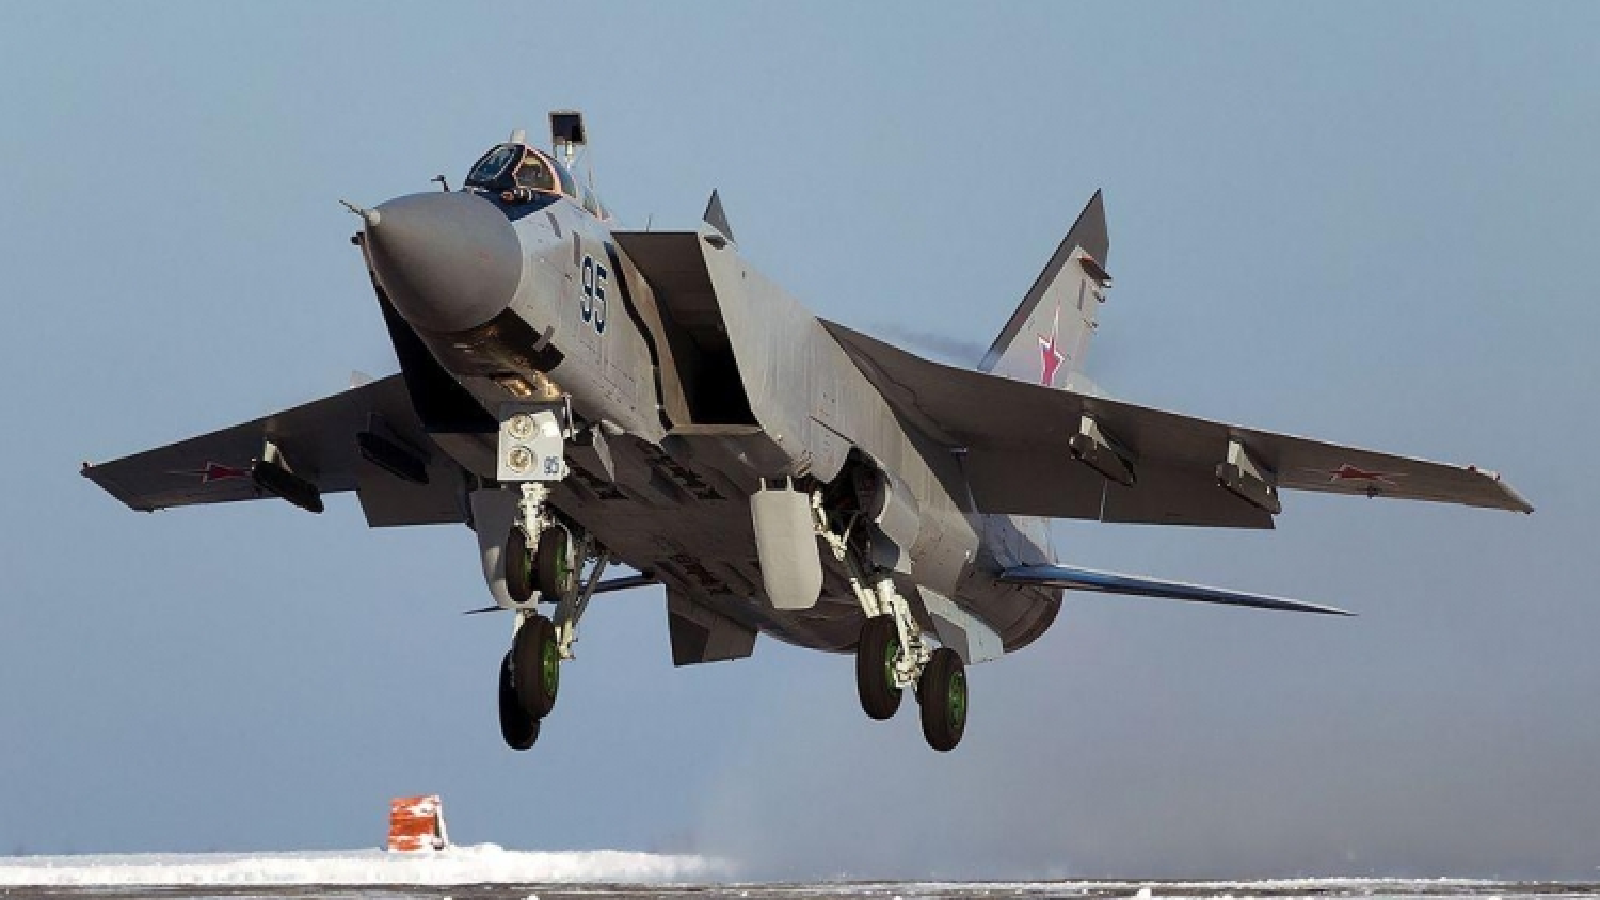 Kế hoạch hoài bão của Nga: Biến tiêm kích MiG thành phương tiện chống vũ khí siêu thanh